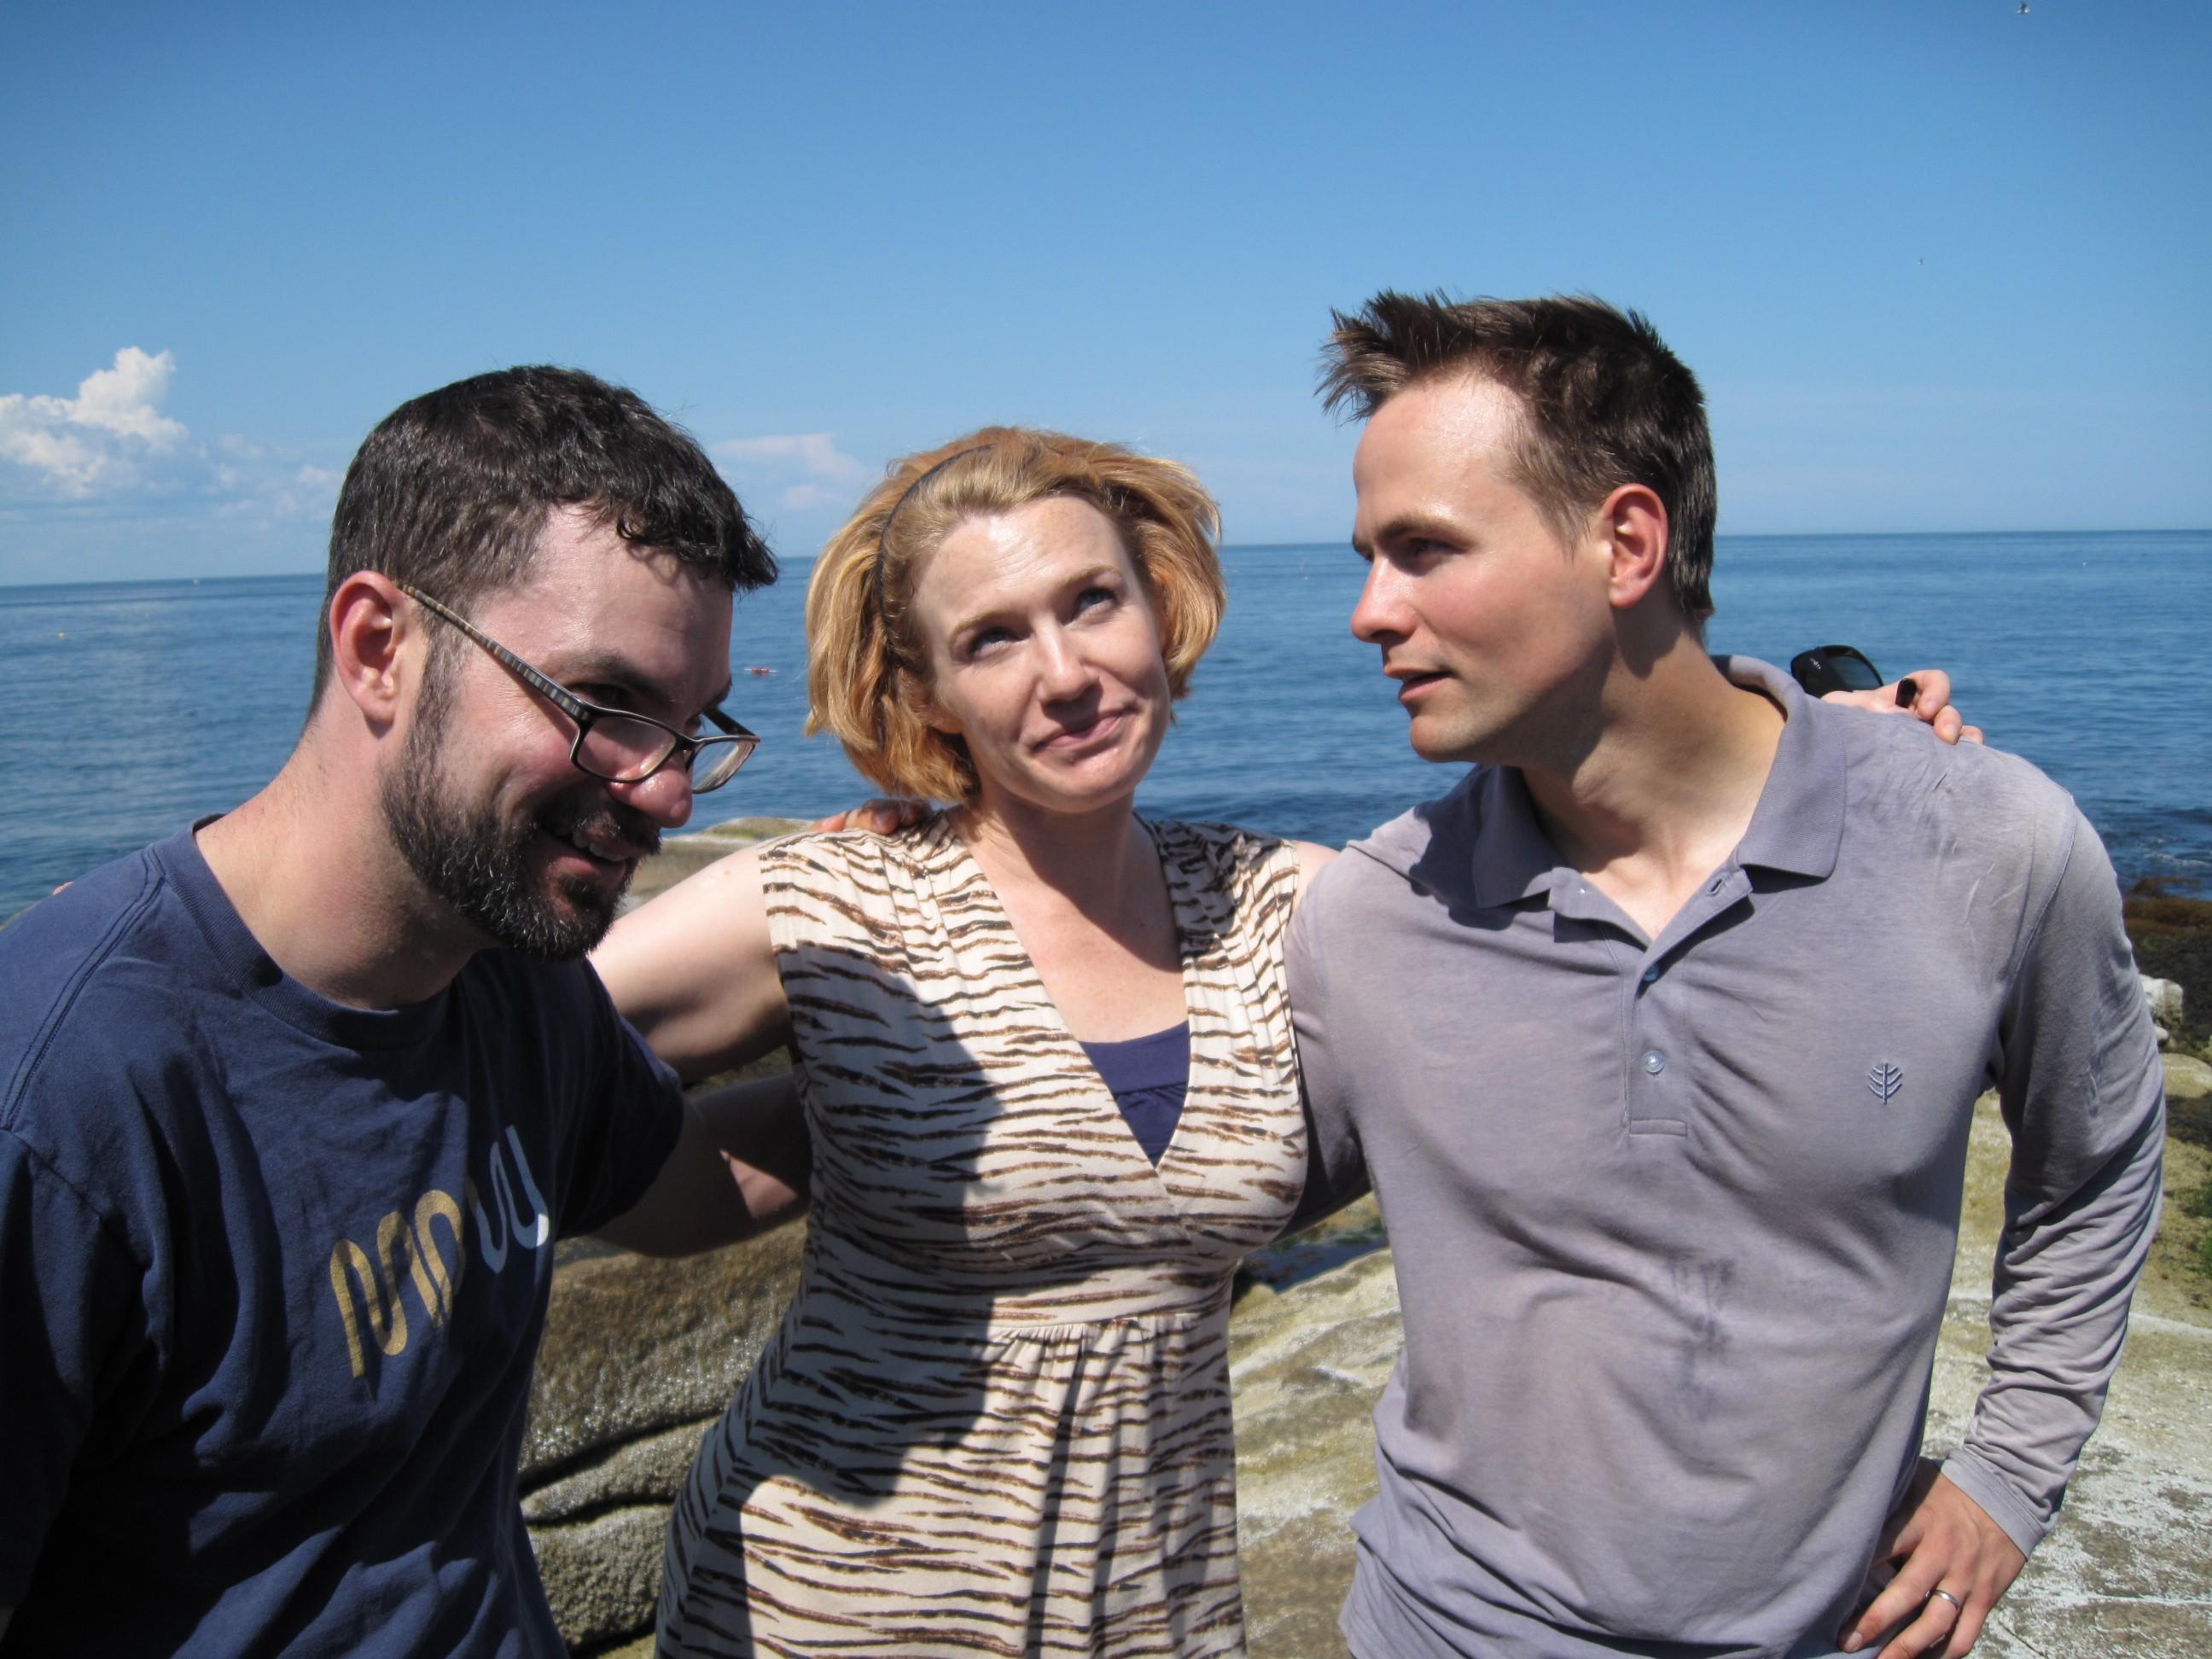 Team, beach 4